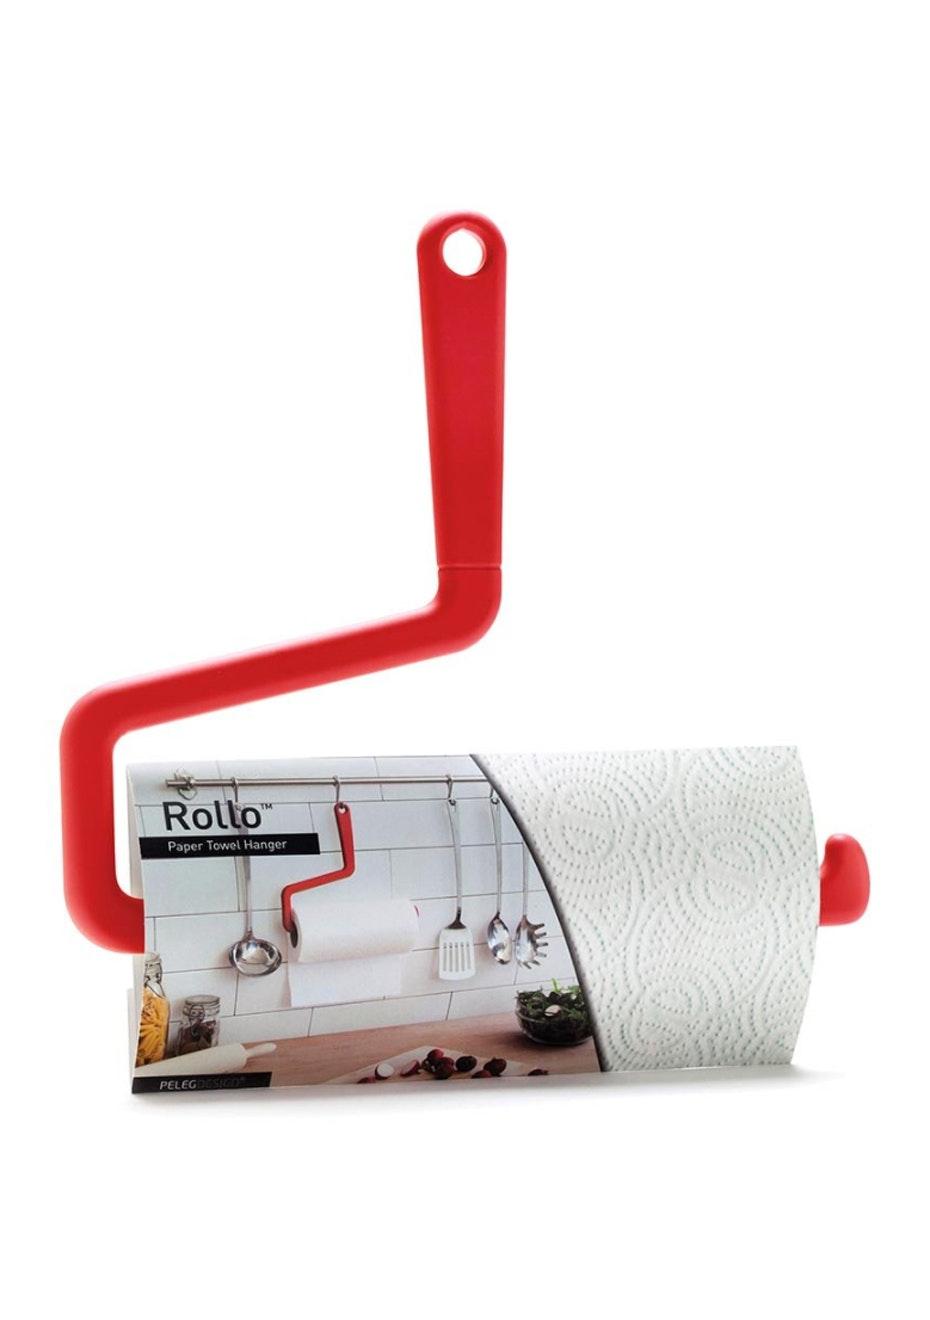 Rollo - Paper Towel Hanger - Red